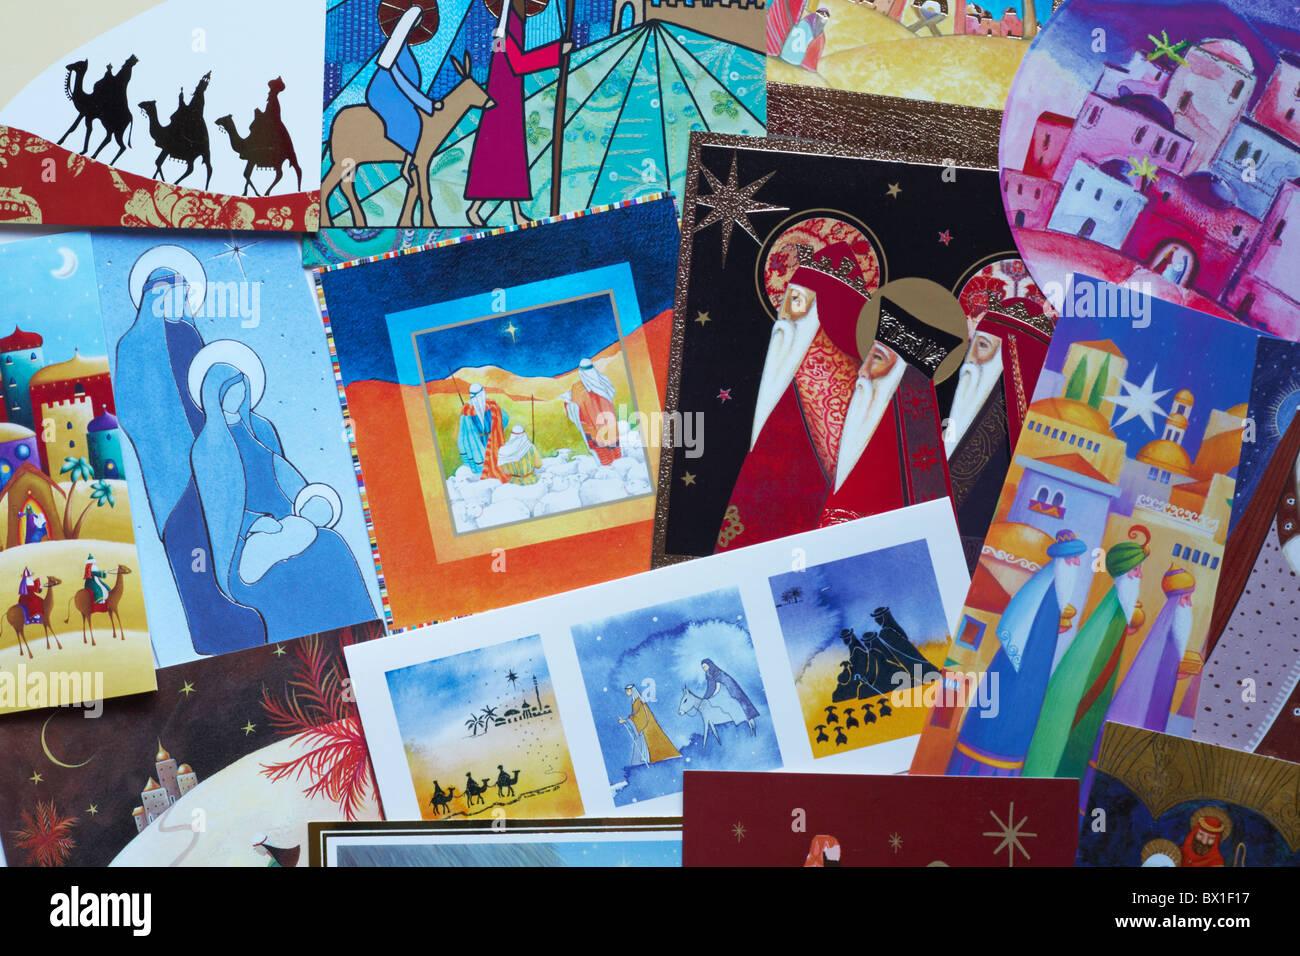 Auswahl an Weihnachtskarten mit religiösen Themen Stockfoto, Bild ...